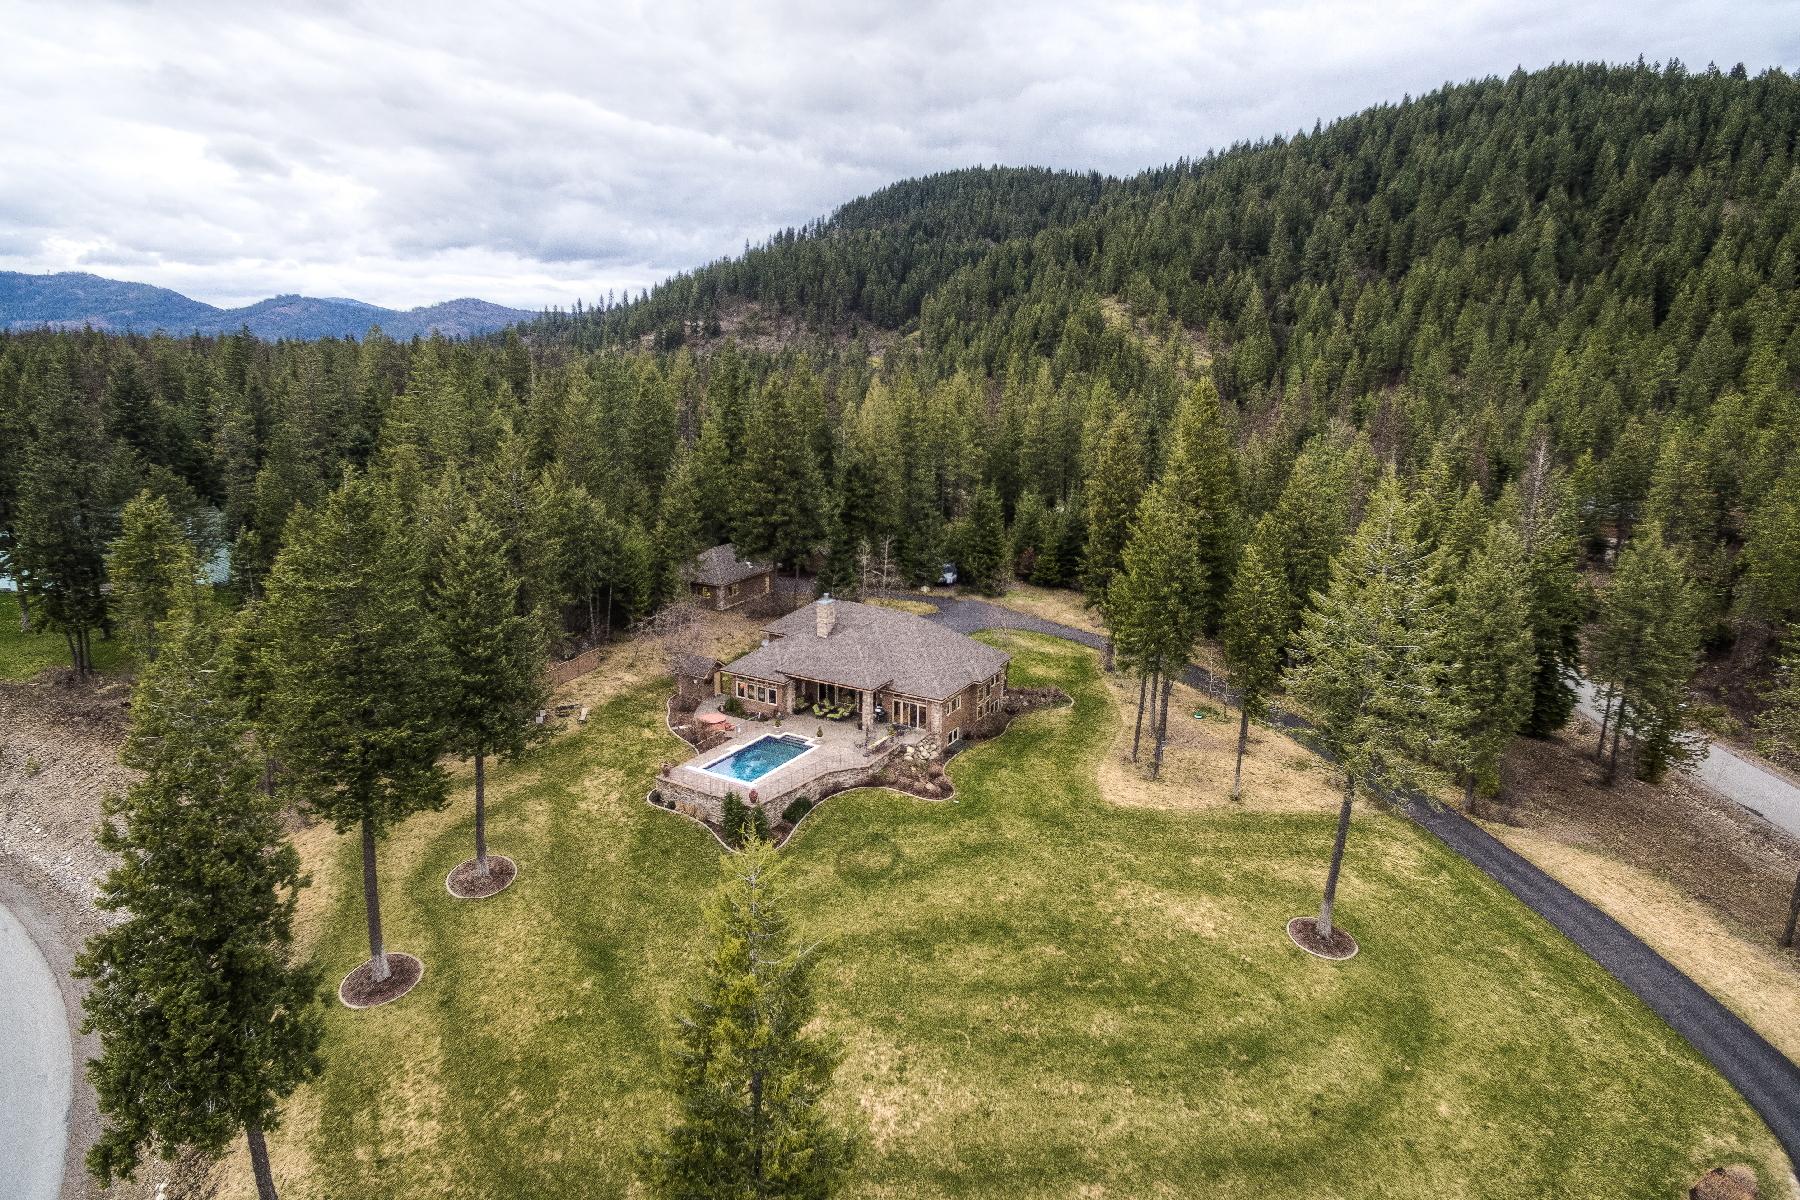 Casa Unifamiliar por un Venta en ELKHORN RANCH ESTATES 23221 N TEDDY LOOP Rathdrum, Idaho, 83858 Estados Unidos